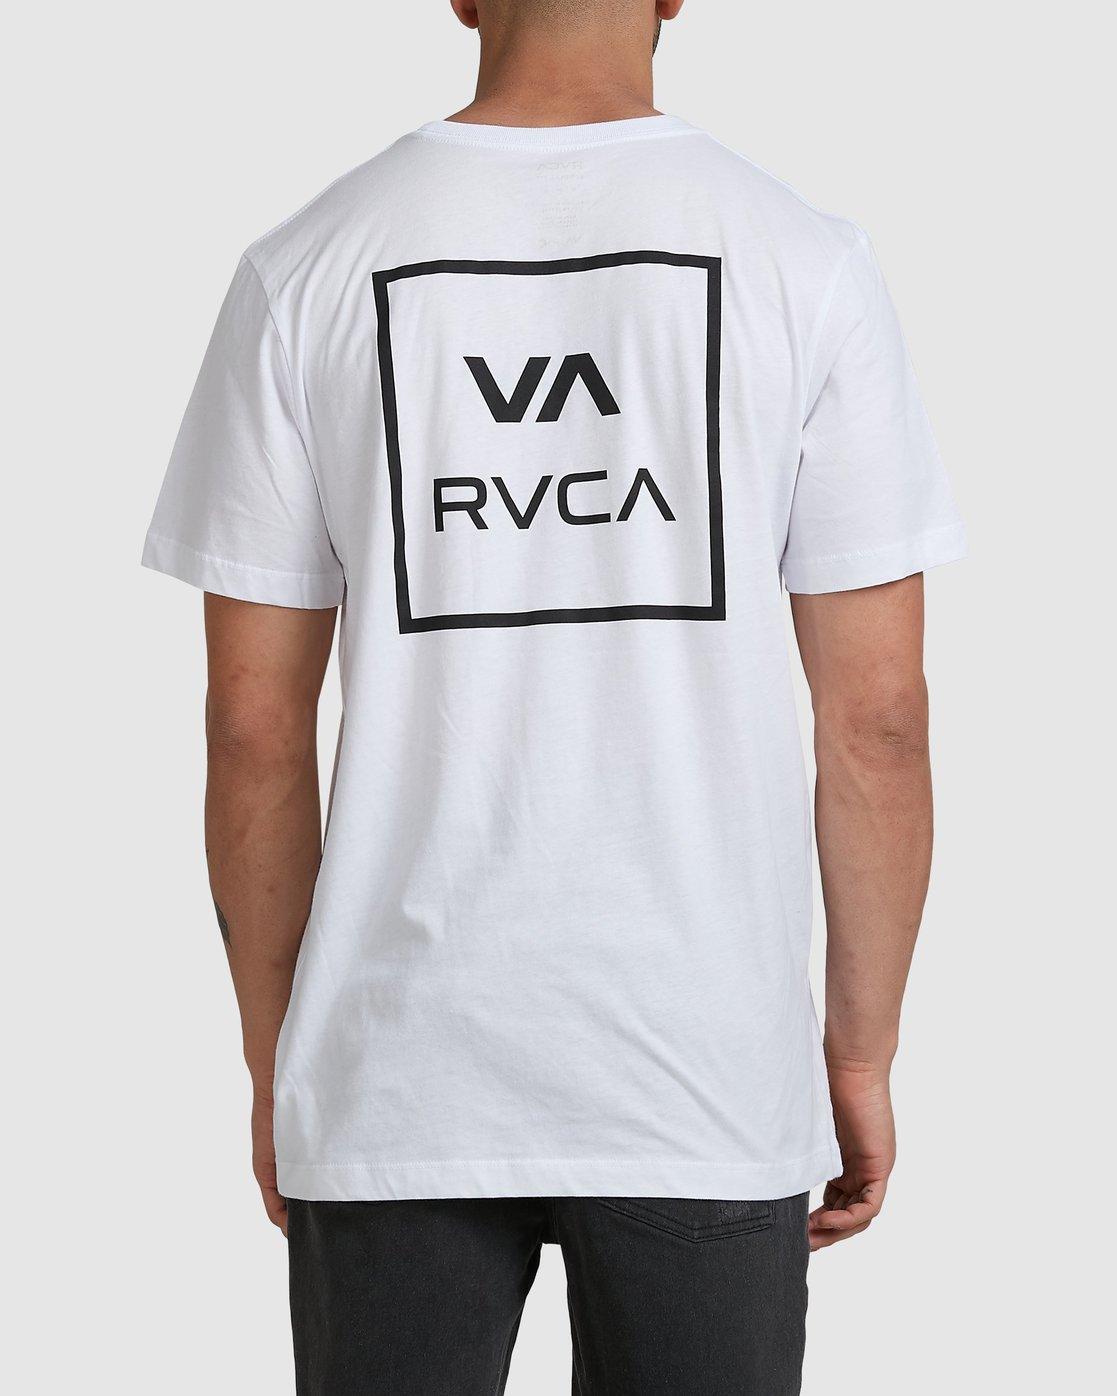 0 VA ALL THE WAYS SHORT SLEEVE TEE White R172062 RVCA